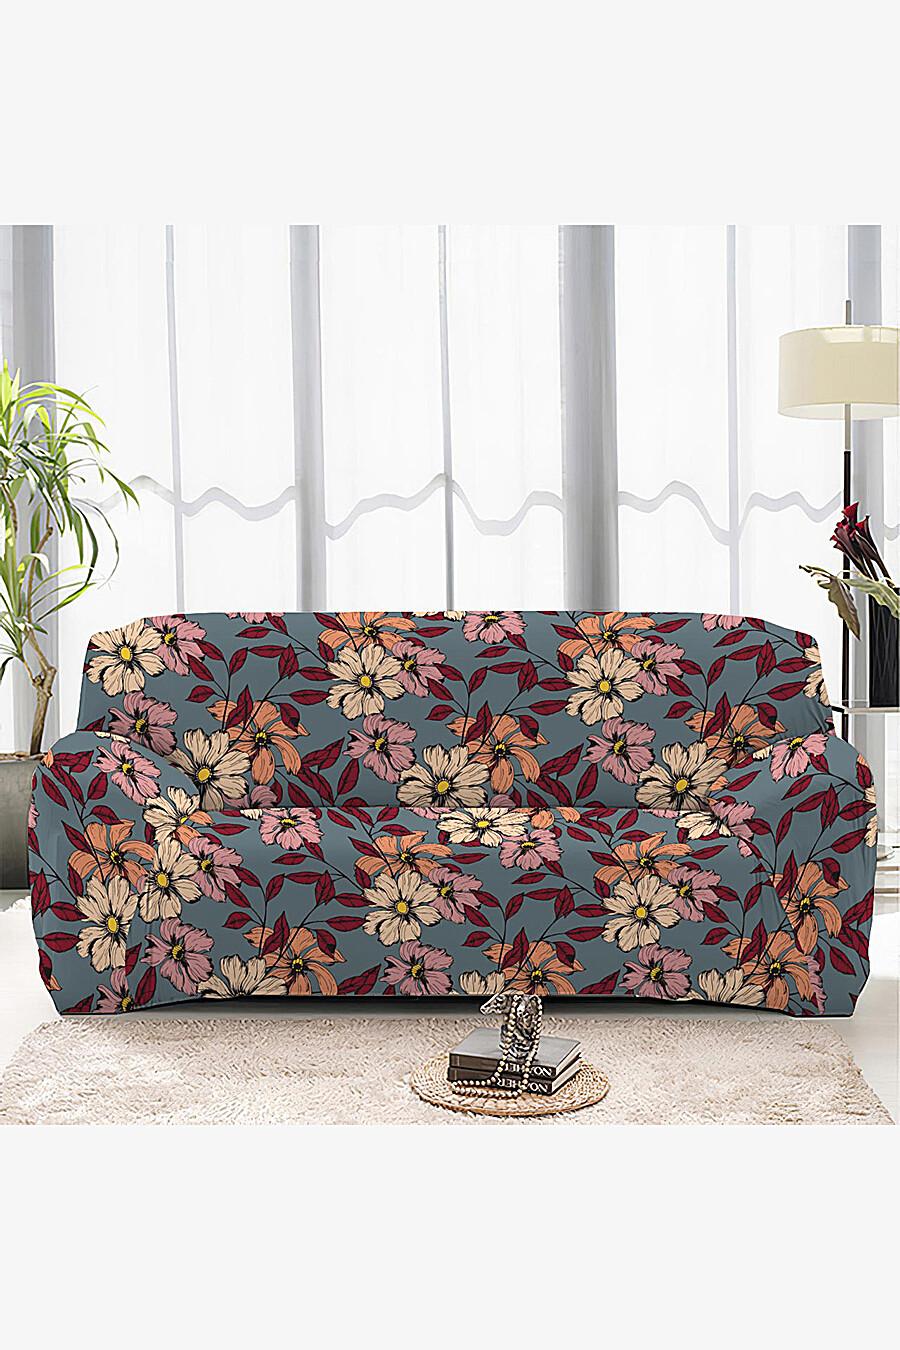 Чехол на диван для дома ART HOME TEXTILE 162780 купить оптом от производителя. Совместная покупка товаров для дома в OptMoyo